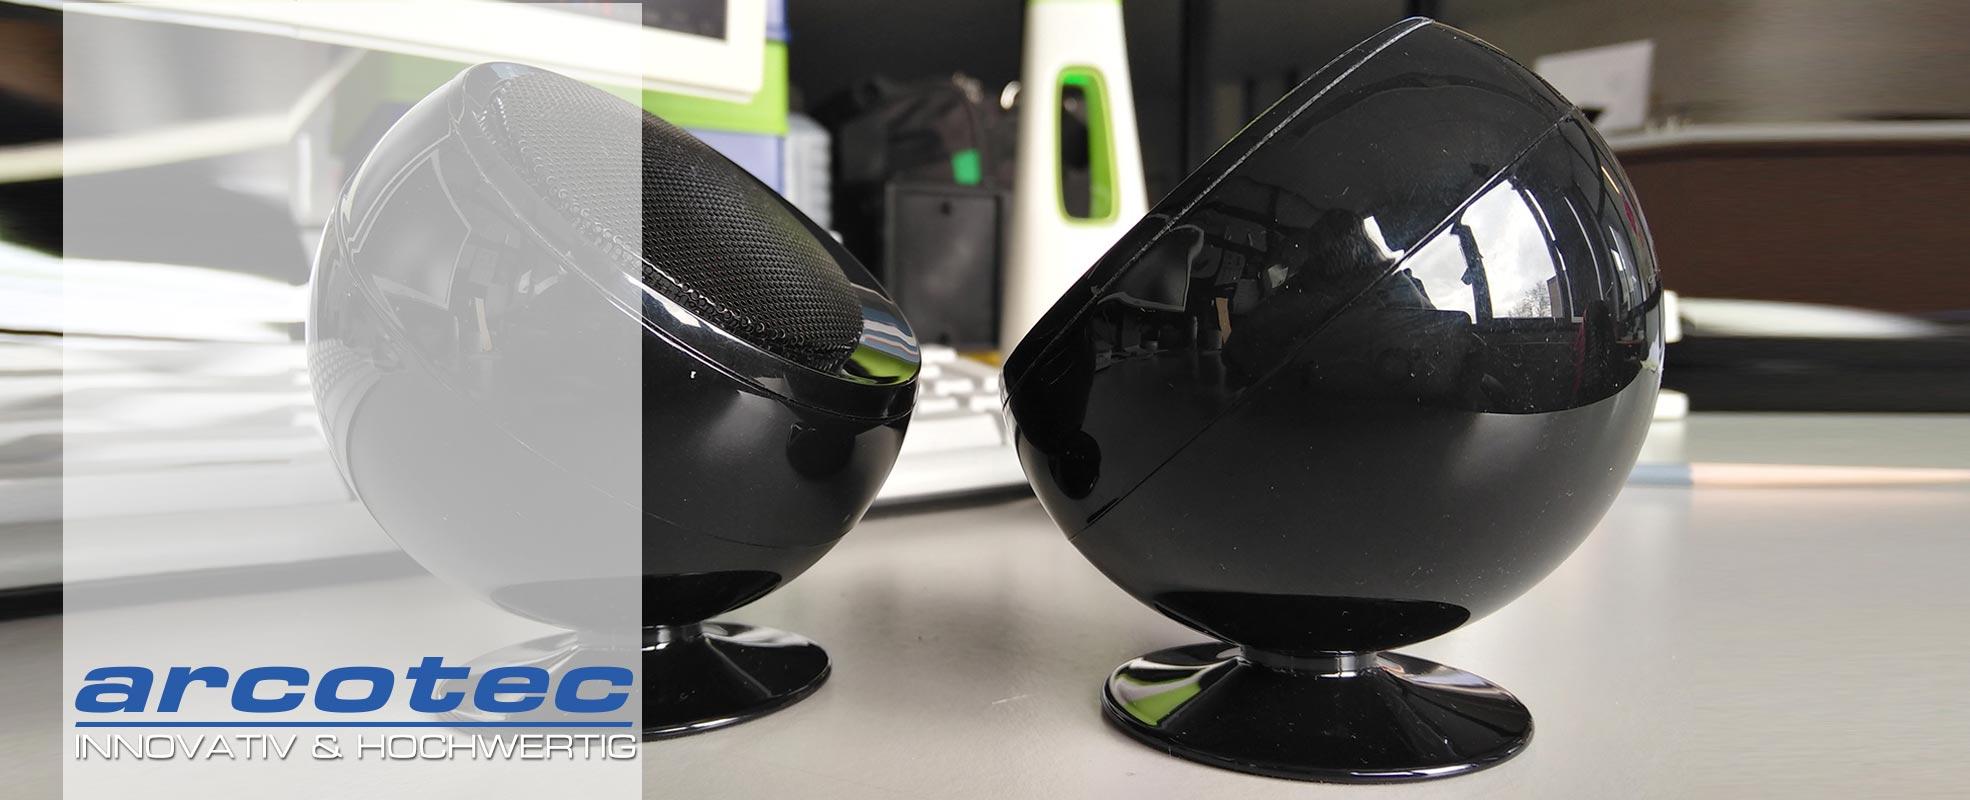 @tec TWS drahtloses Bluetooth Lautsprechersystem, True Wireless Speaker Set von arcotec